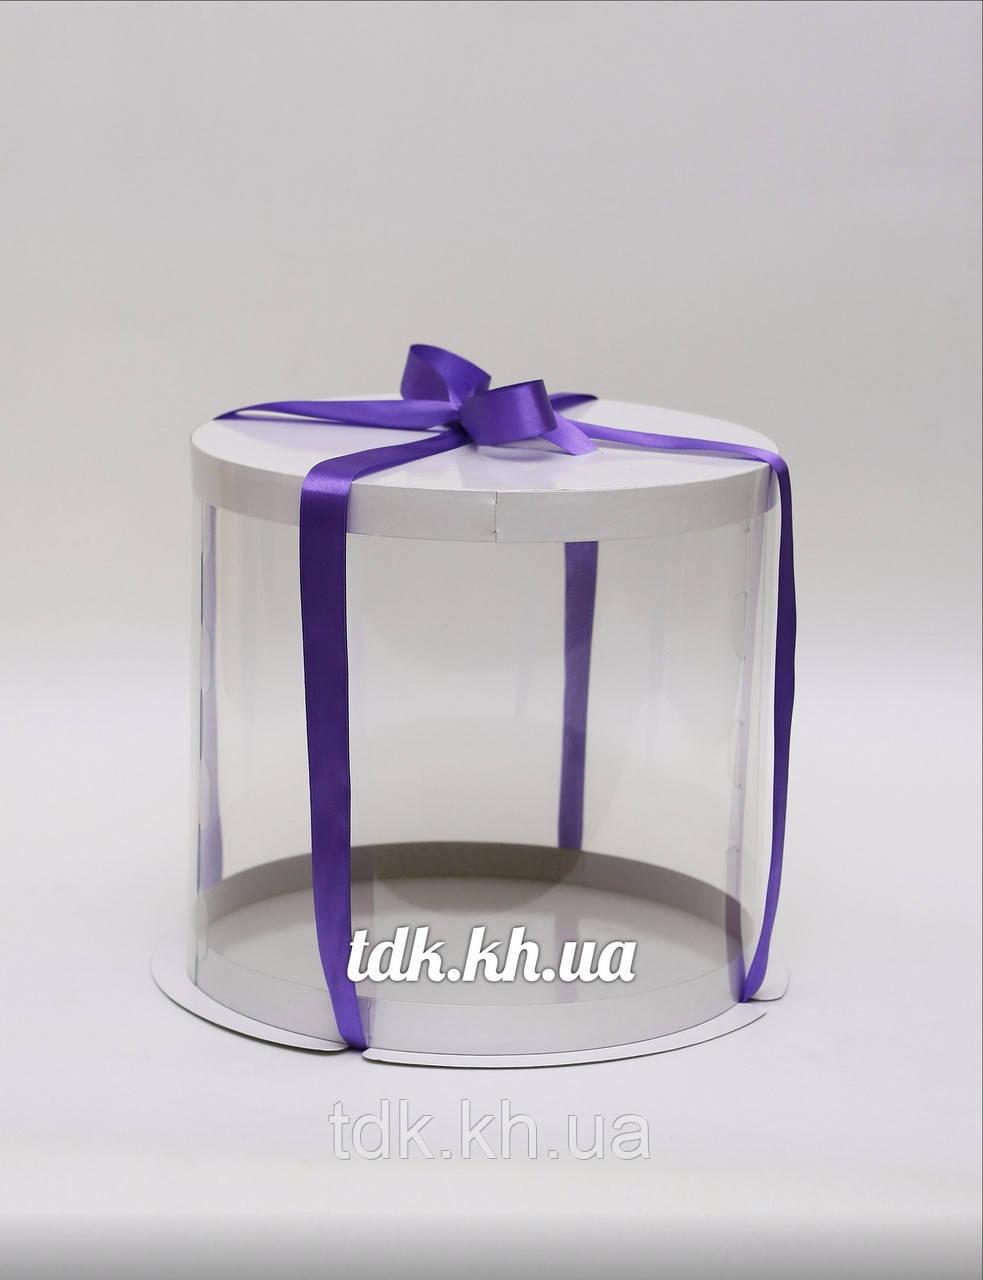 Коробка для торта белая с прозрачной стенкой Ø25 H33